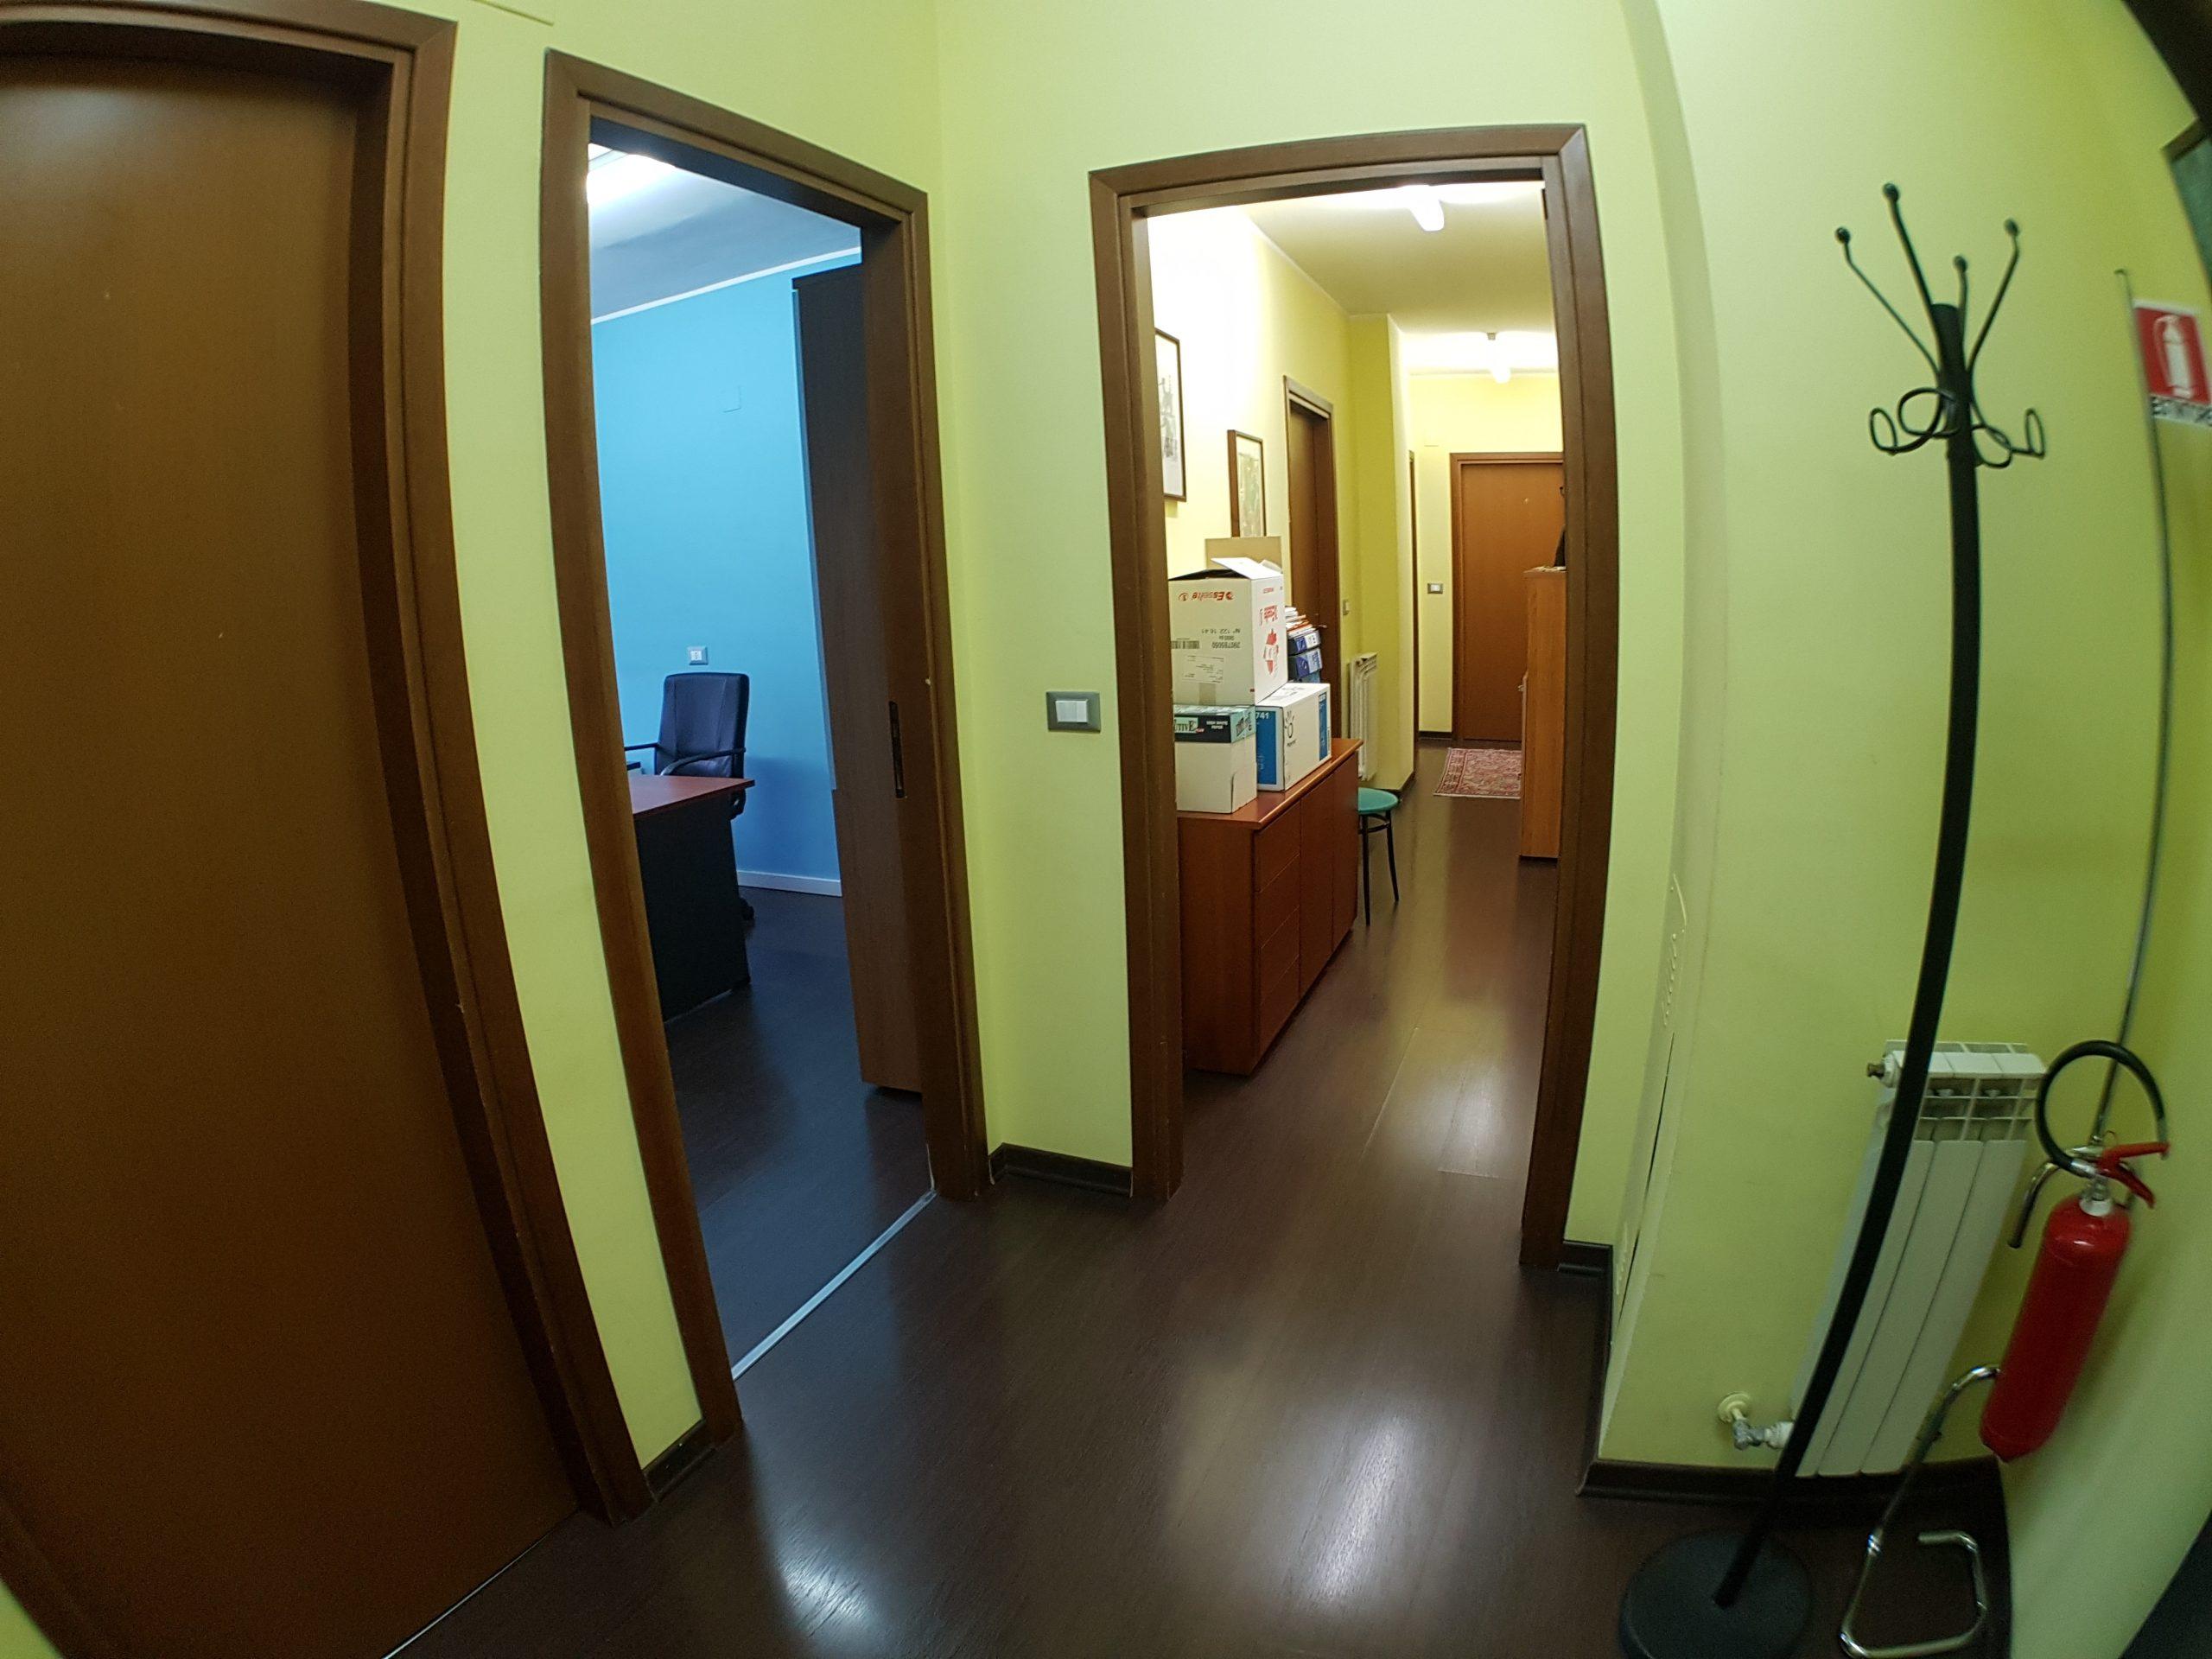 AFFITTO: Stanza Uso Studio In Ufficio Condiviso - Agenzia ...